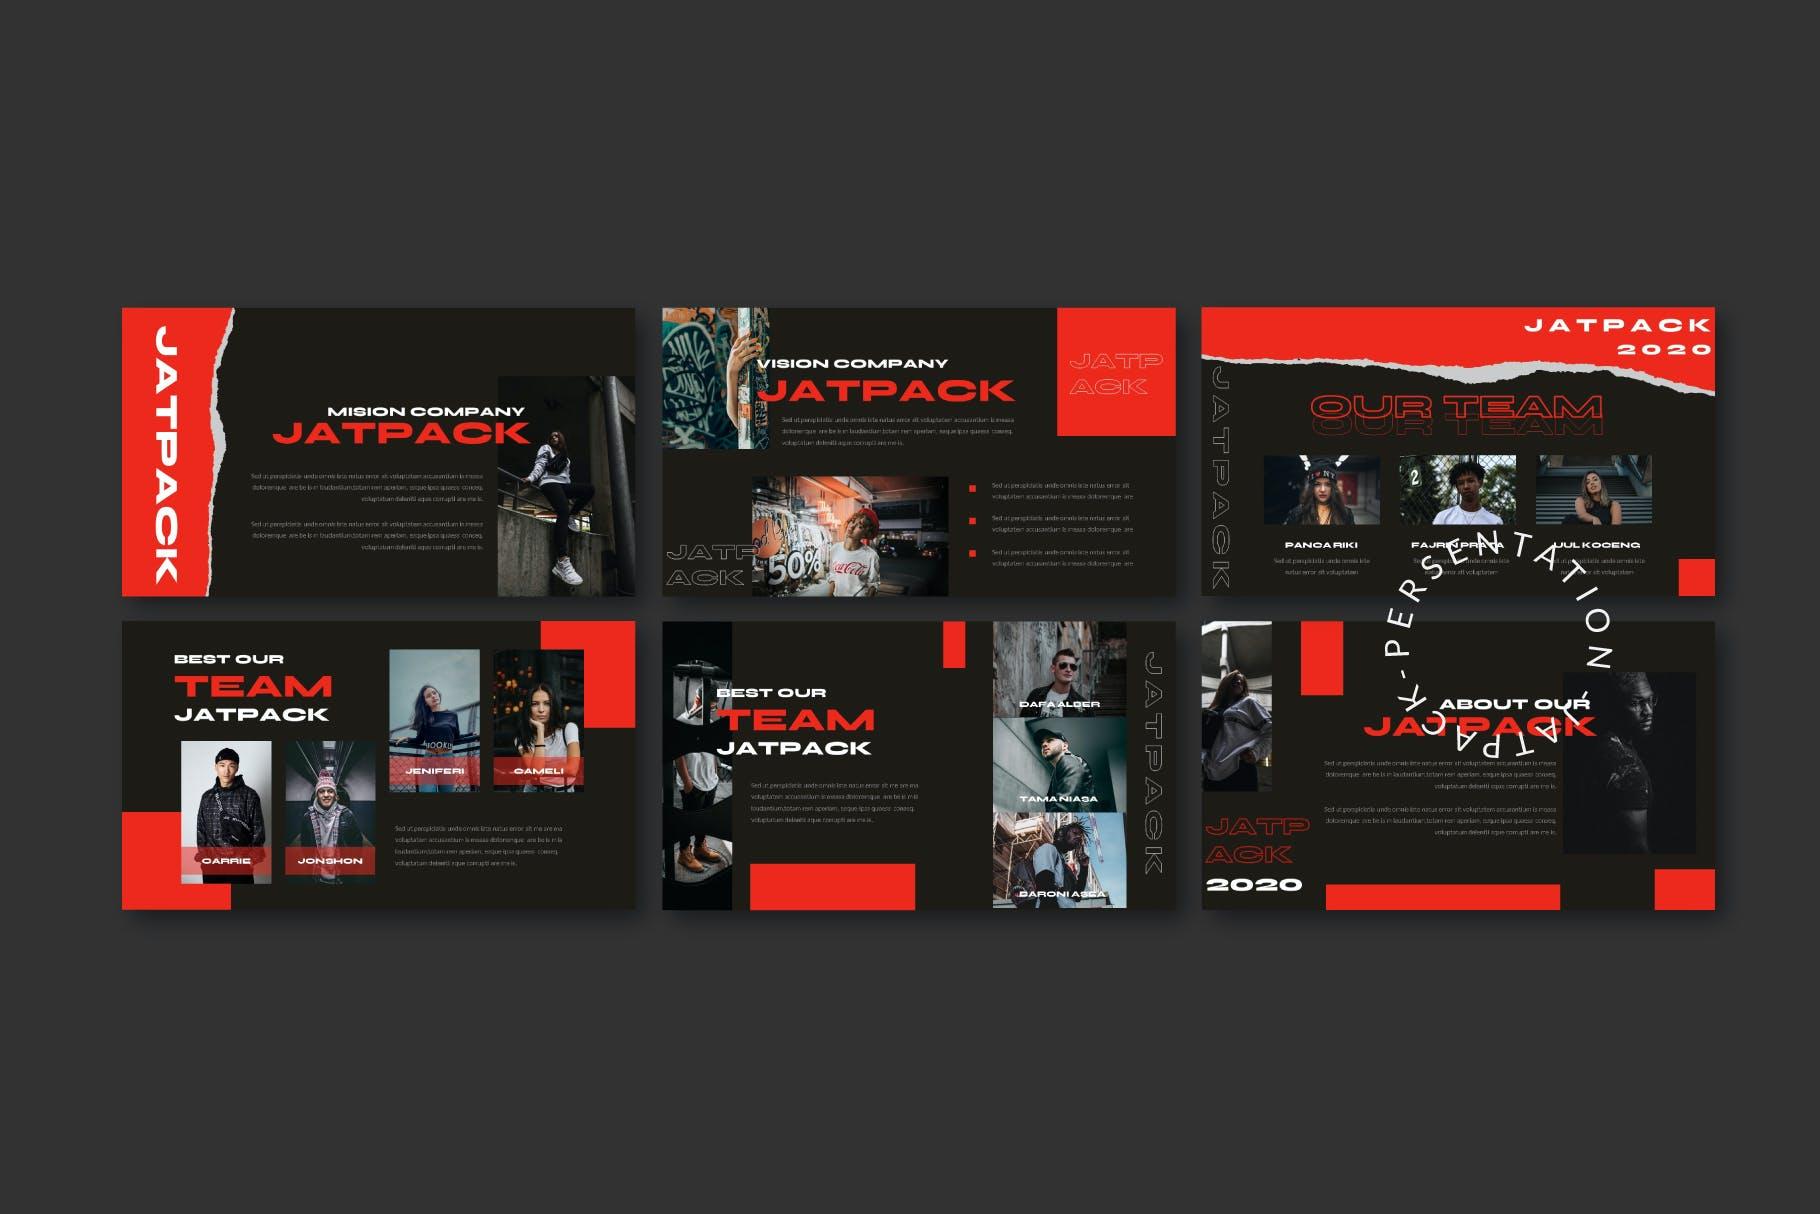 时尚潮流街头文化潮牌品牌推广深色PPT演示文稿模板 Jetpack – Powerpoint Template插图(8)